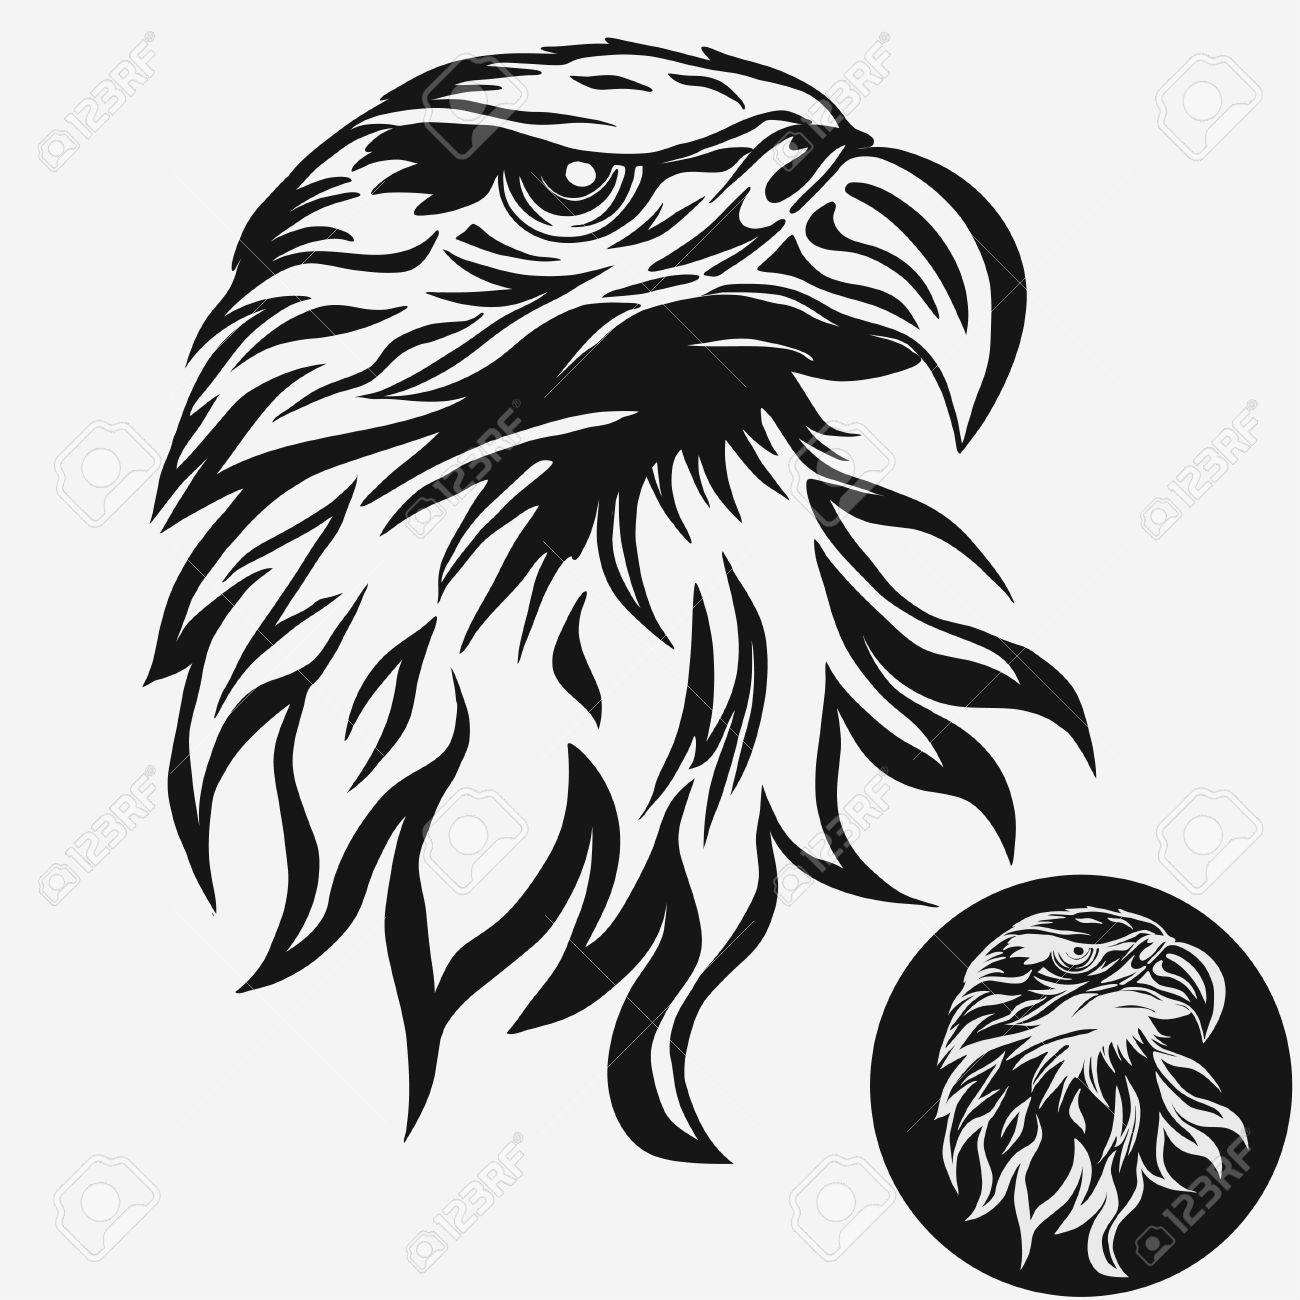 100 eagle template letters eagle template eagle and circle